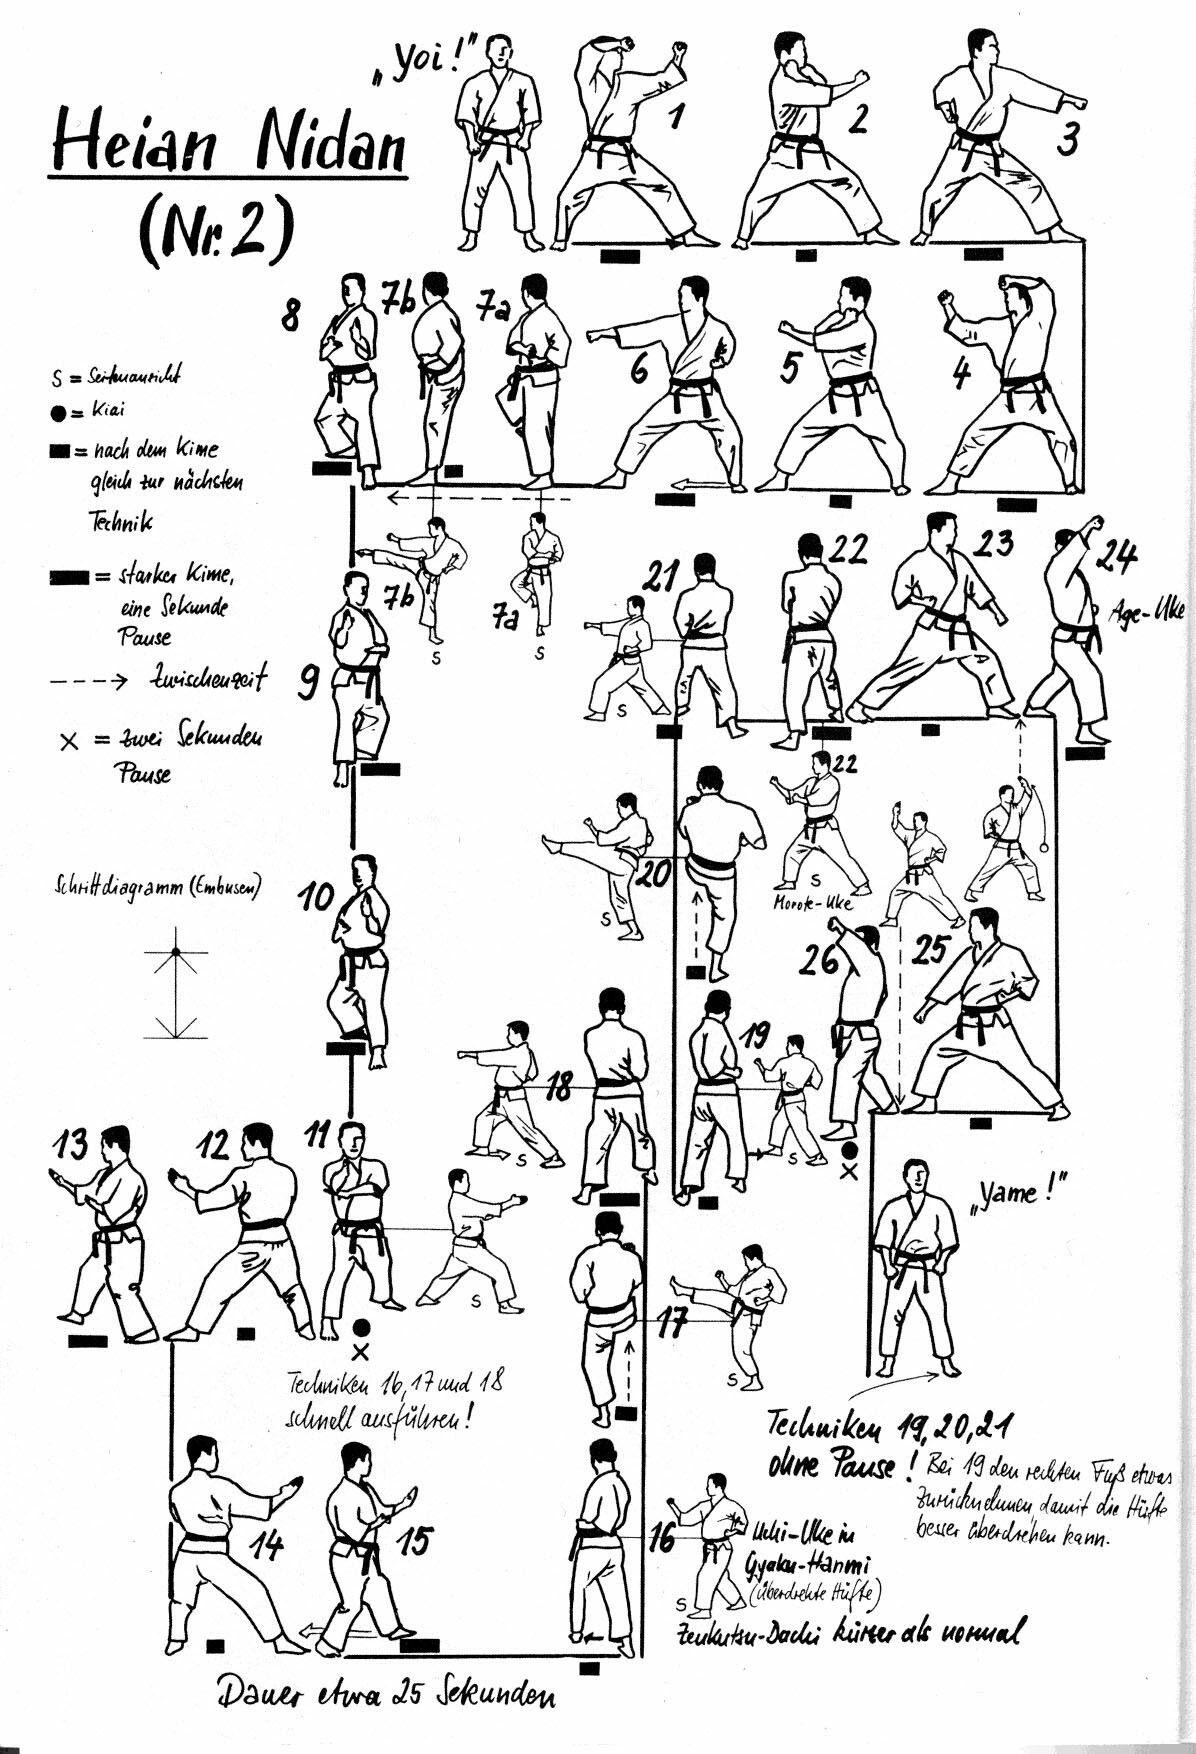 Pin Van Janny De Pauli Kooij Op Karate